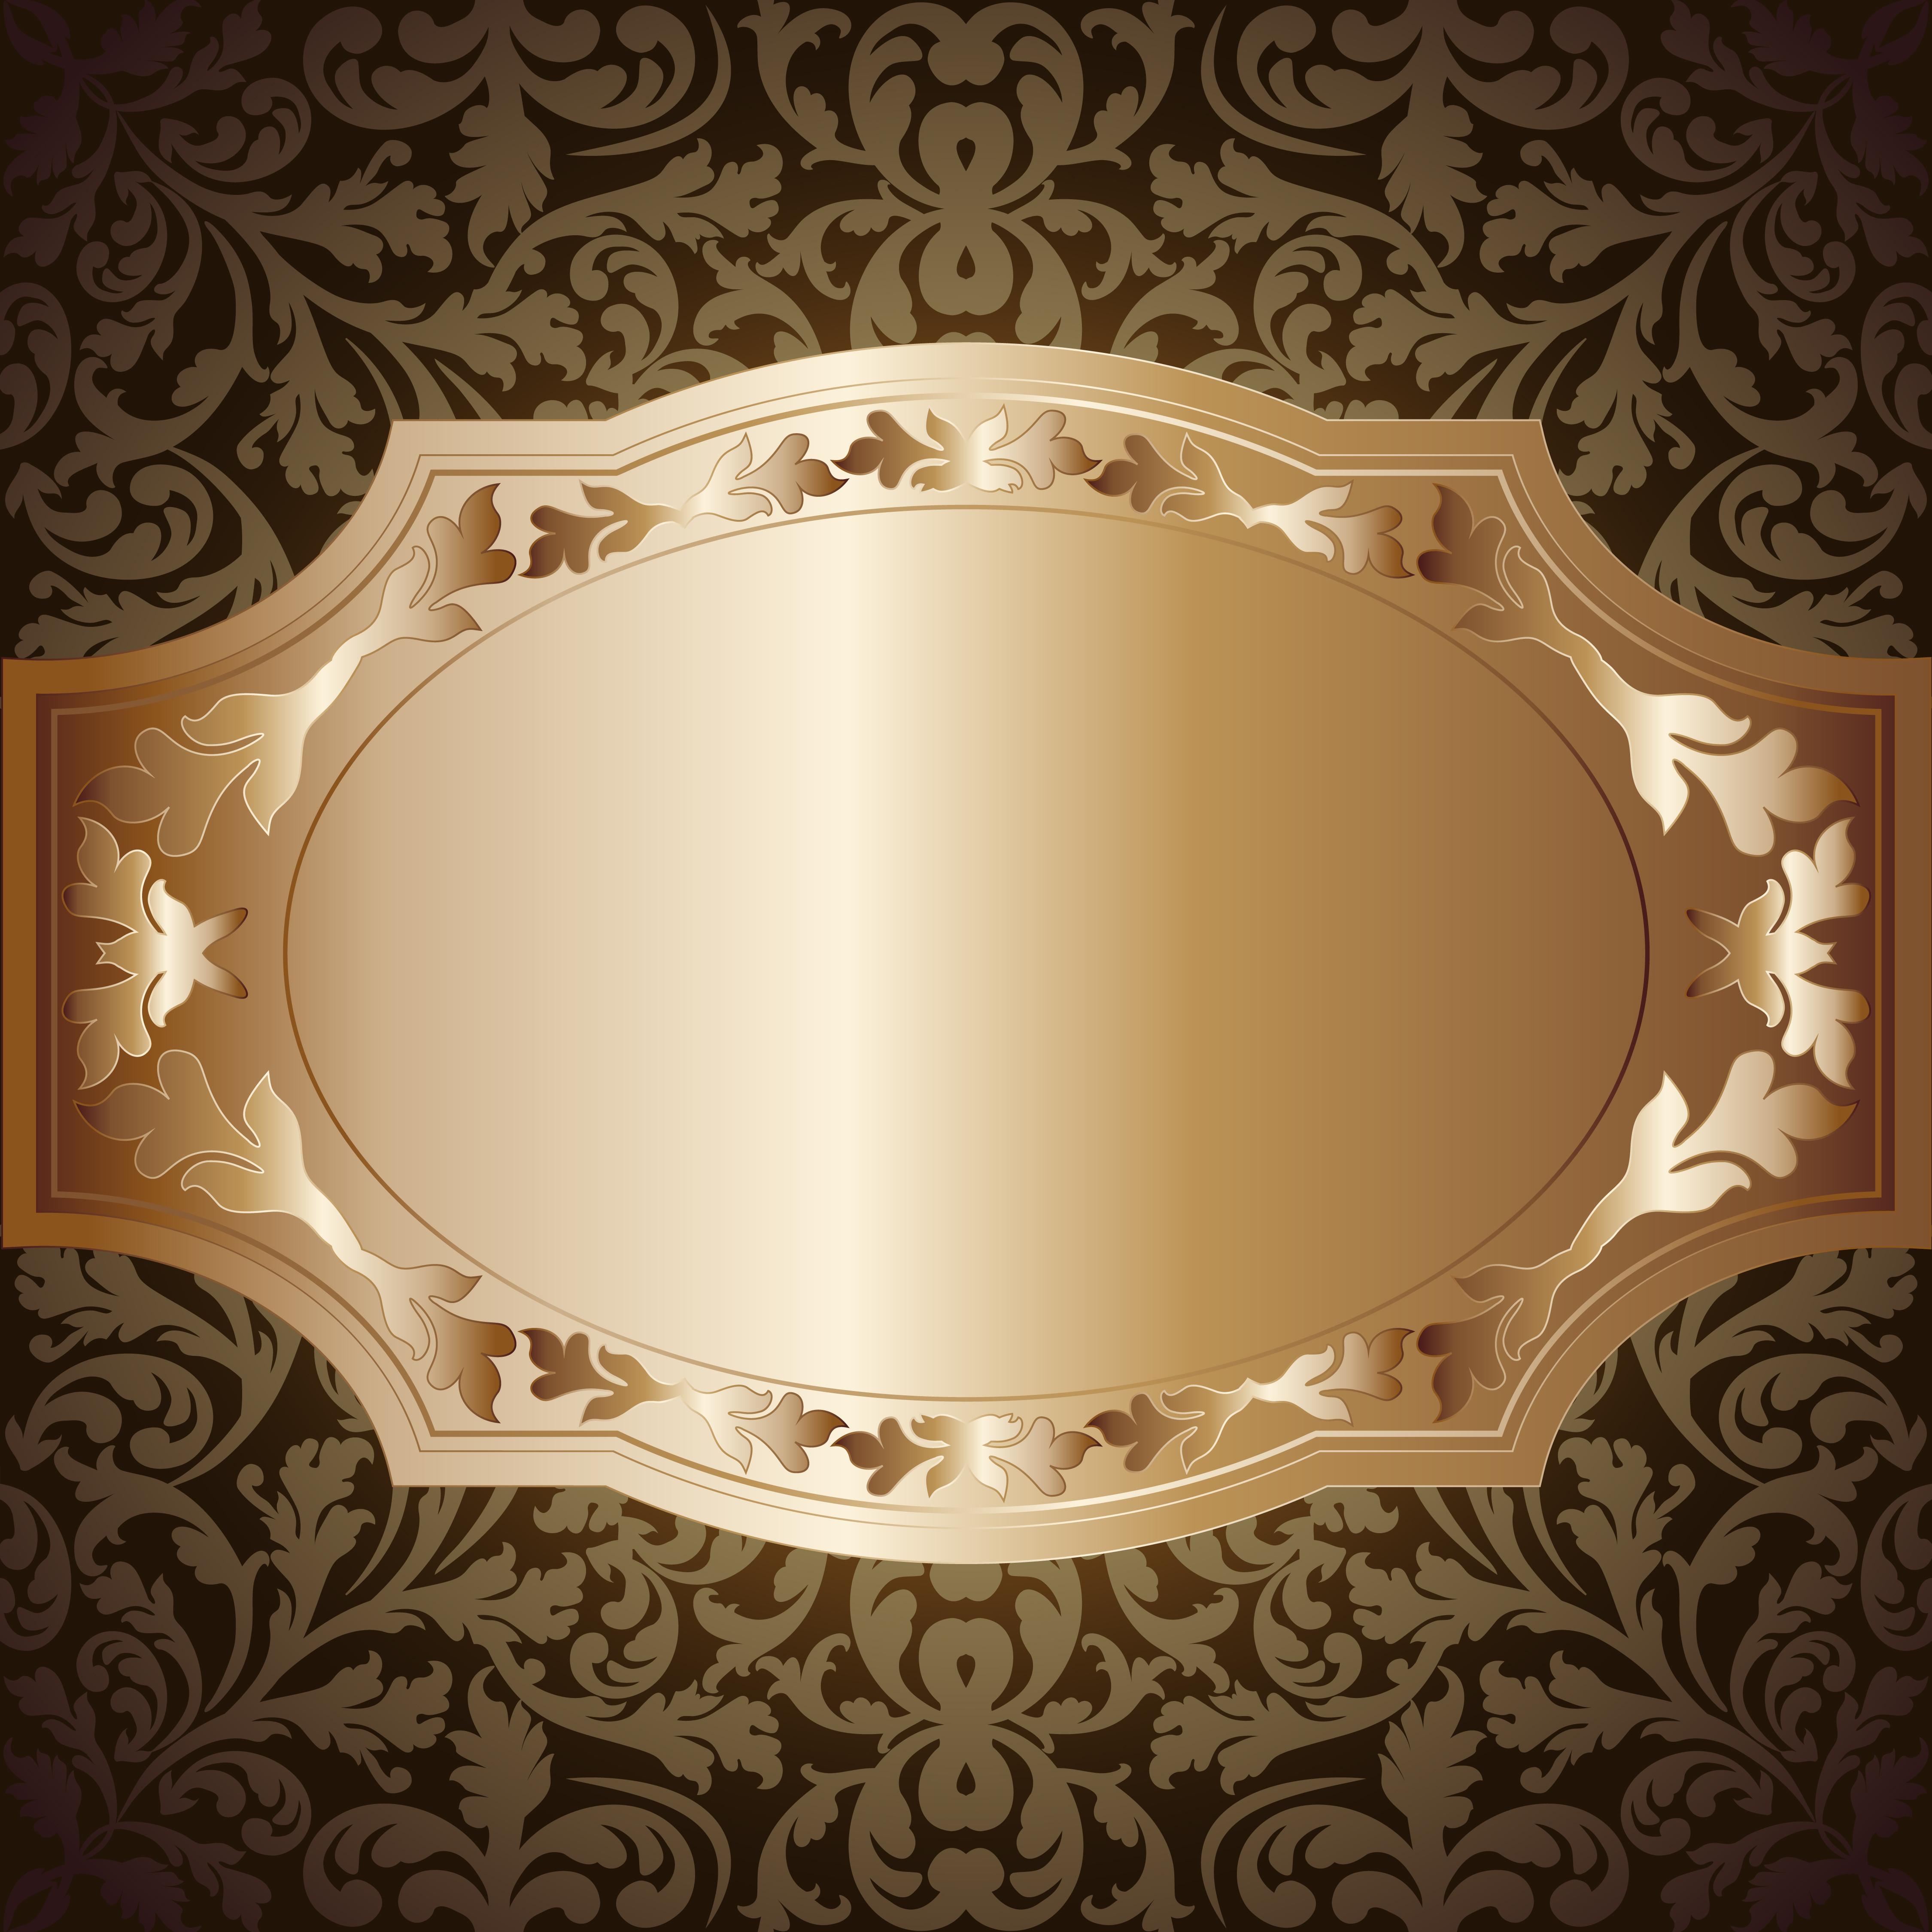 Клипарты рамки фоны, бесплатные фото ...: pictures11.ru/kliparty-ramki-fony.html